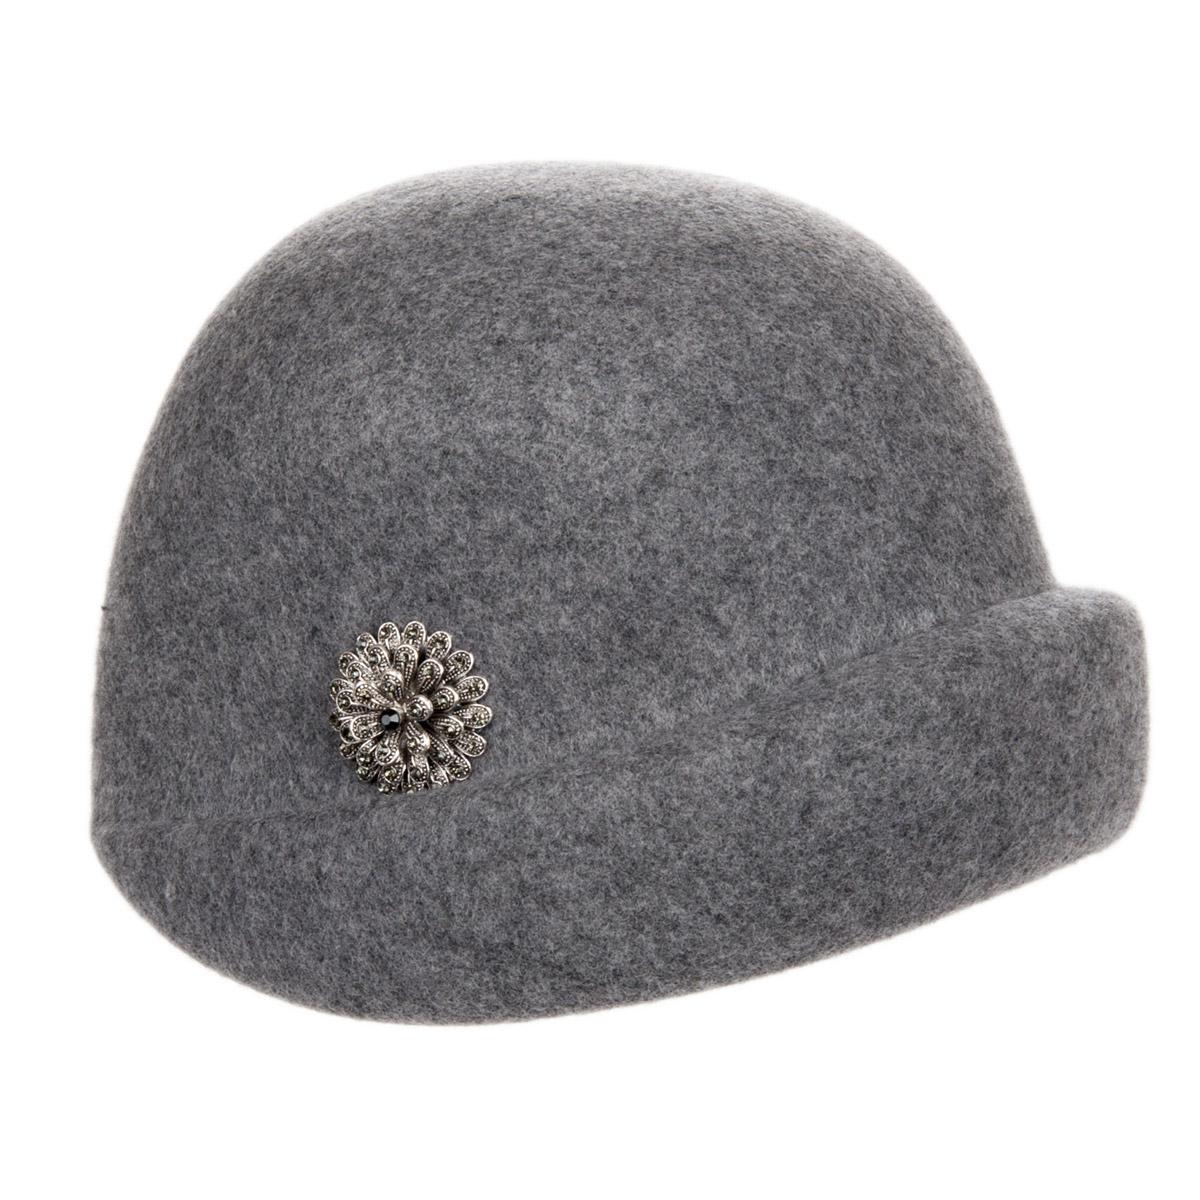 Cappello cloche anni 30 Carla con spilla fiore e7e37046bf76